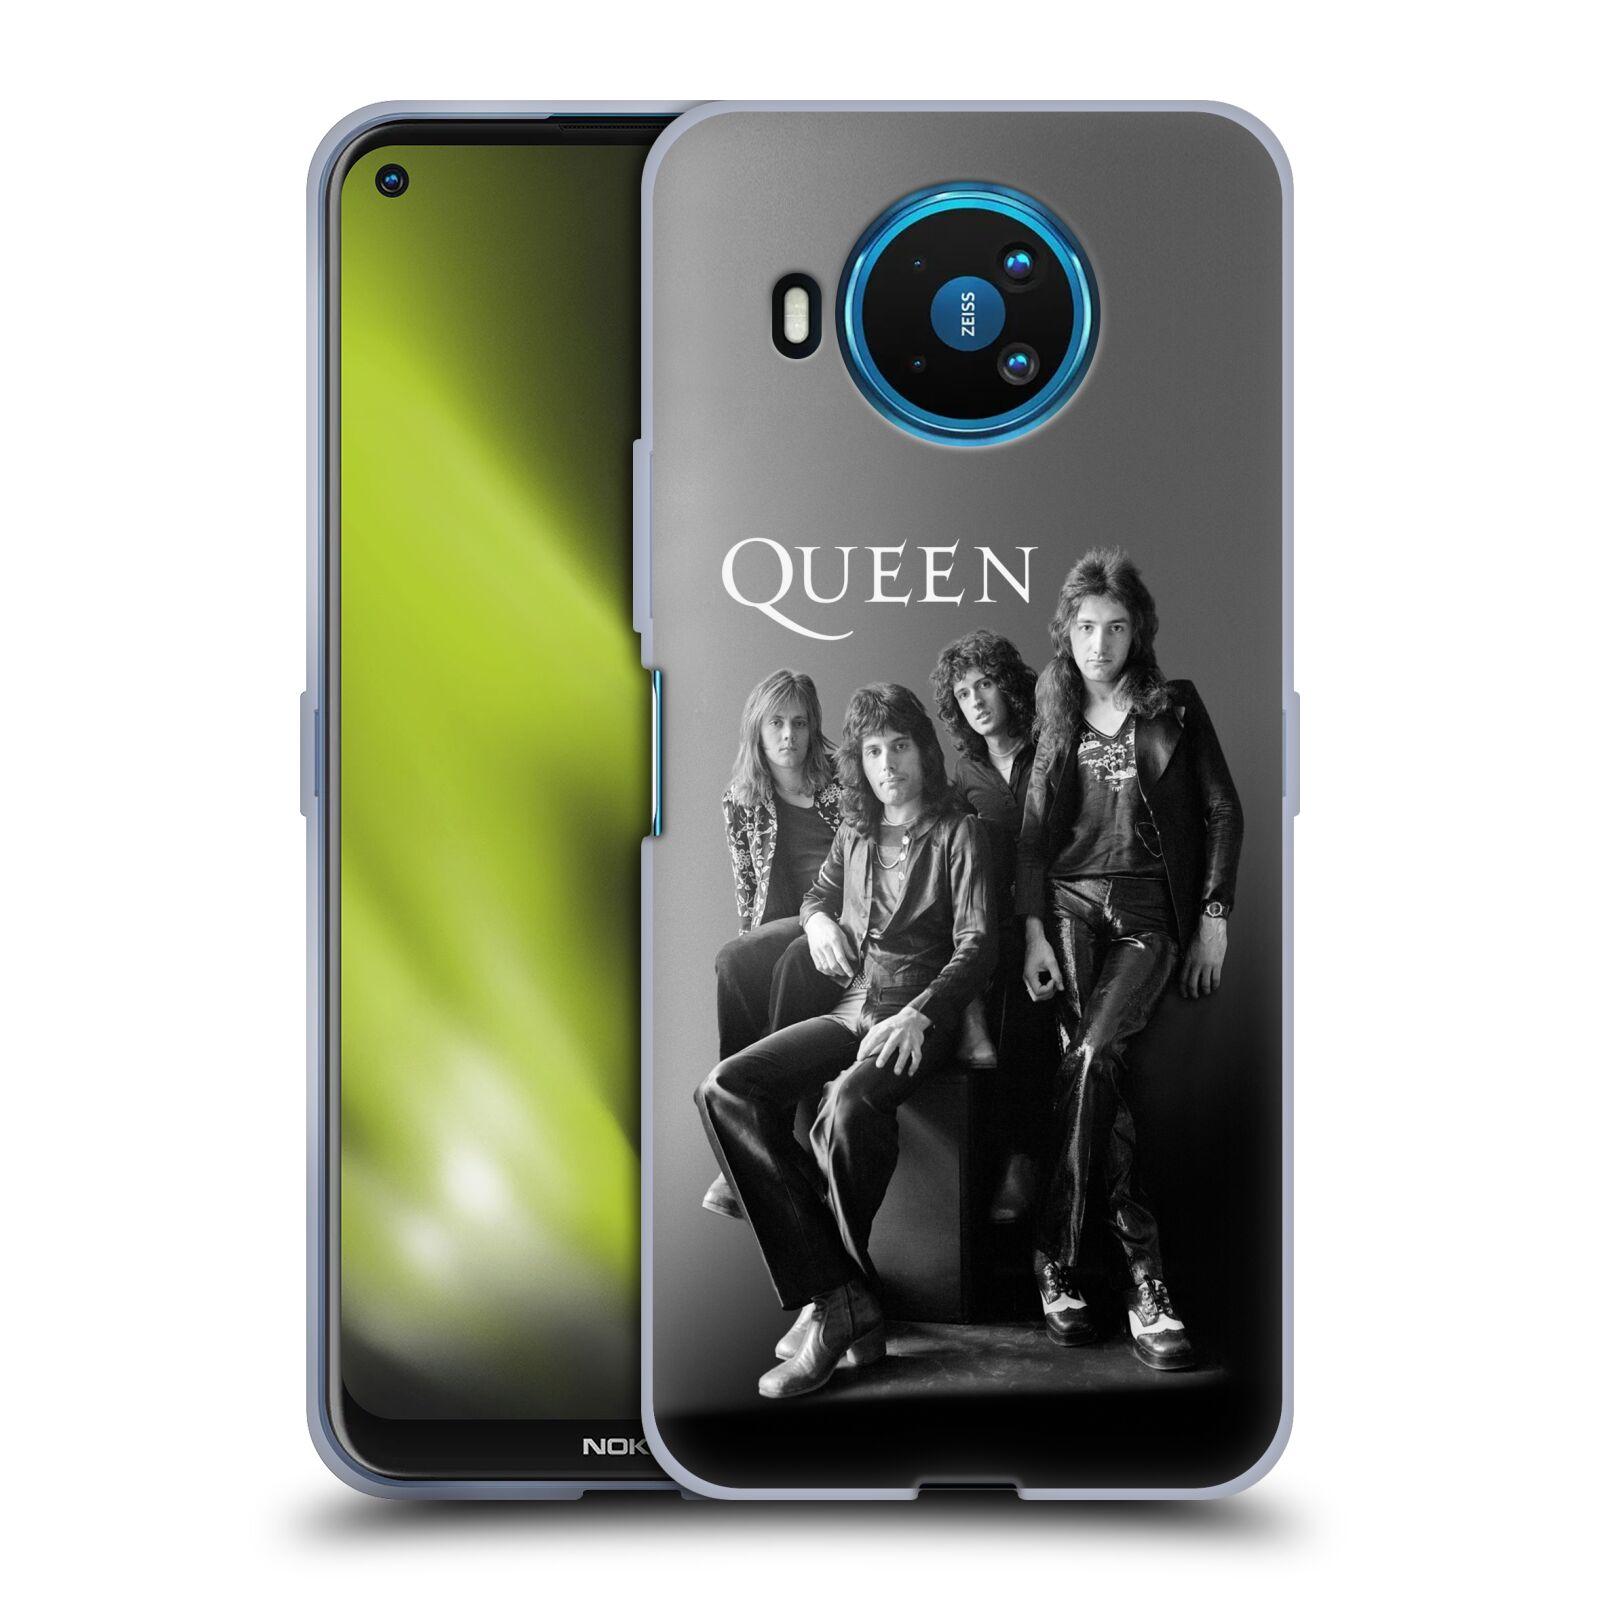 Silikonové pouzdro na mobil Nokia 8.3 5G - Head Case - Queen - Skupina